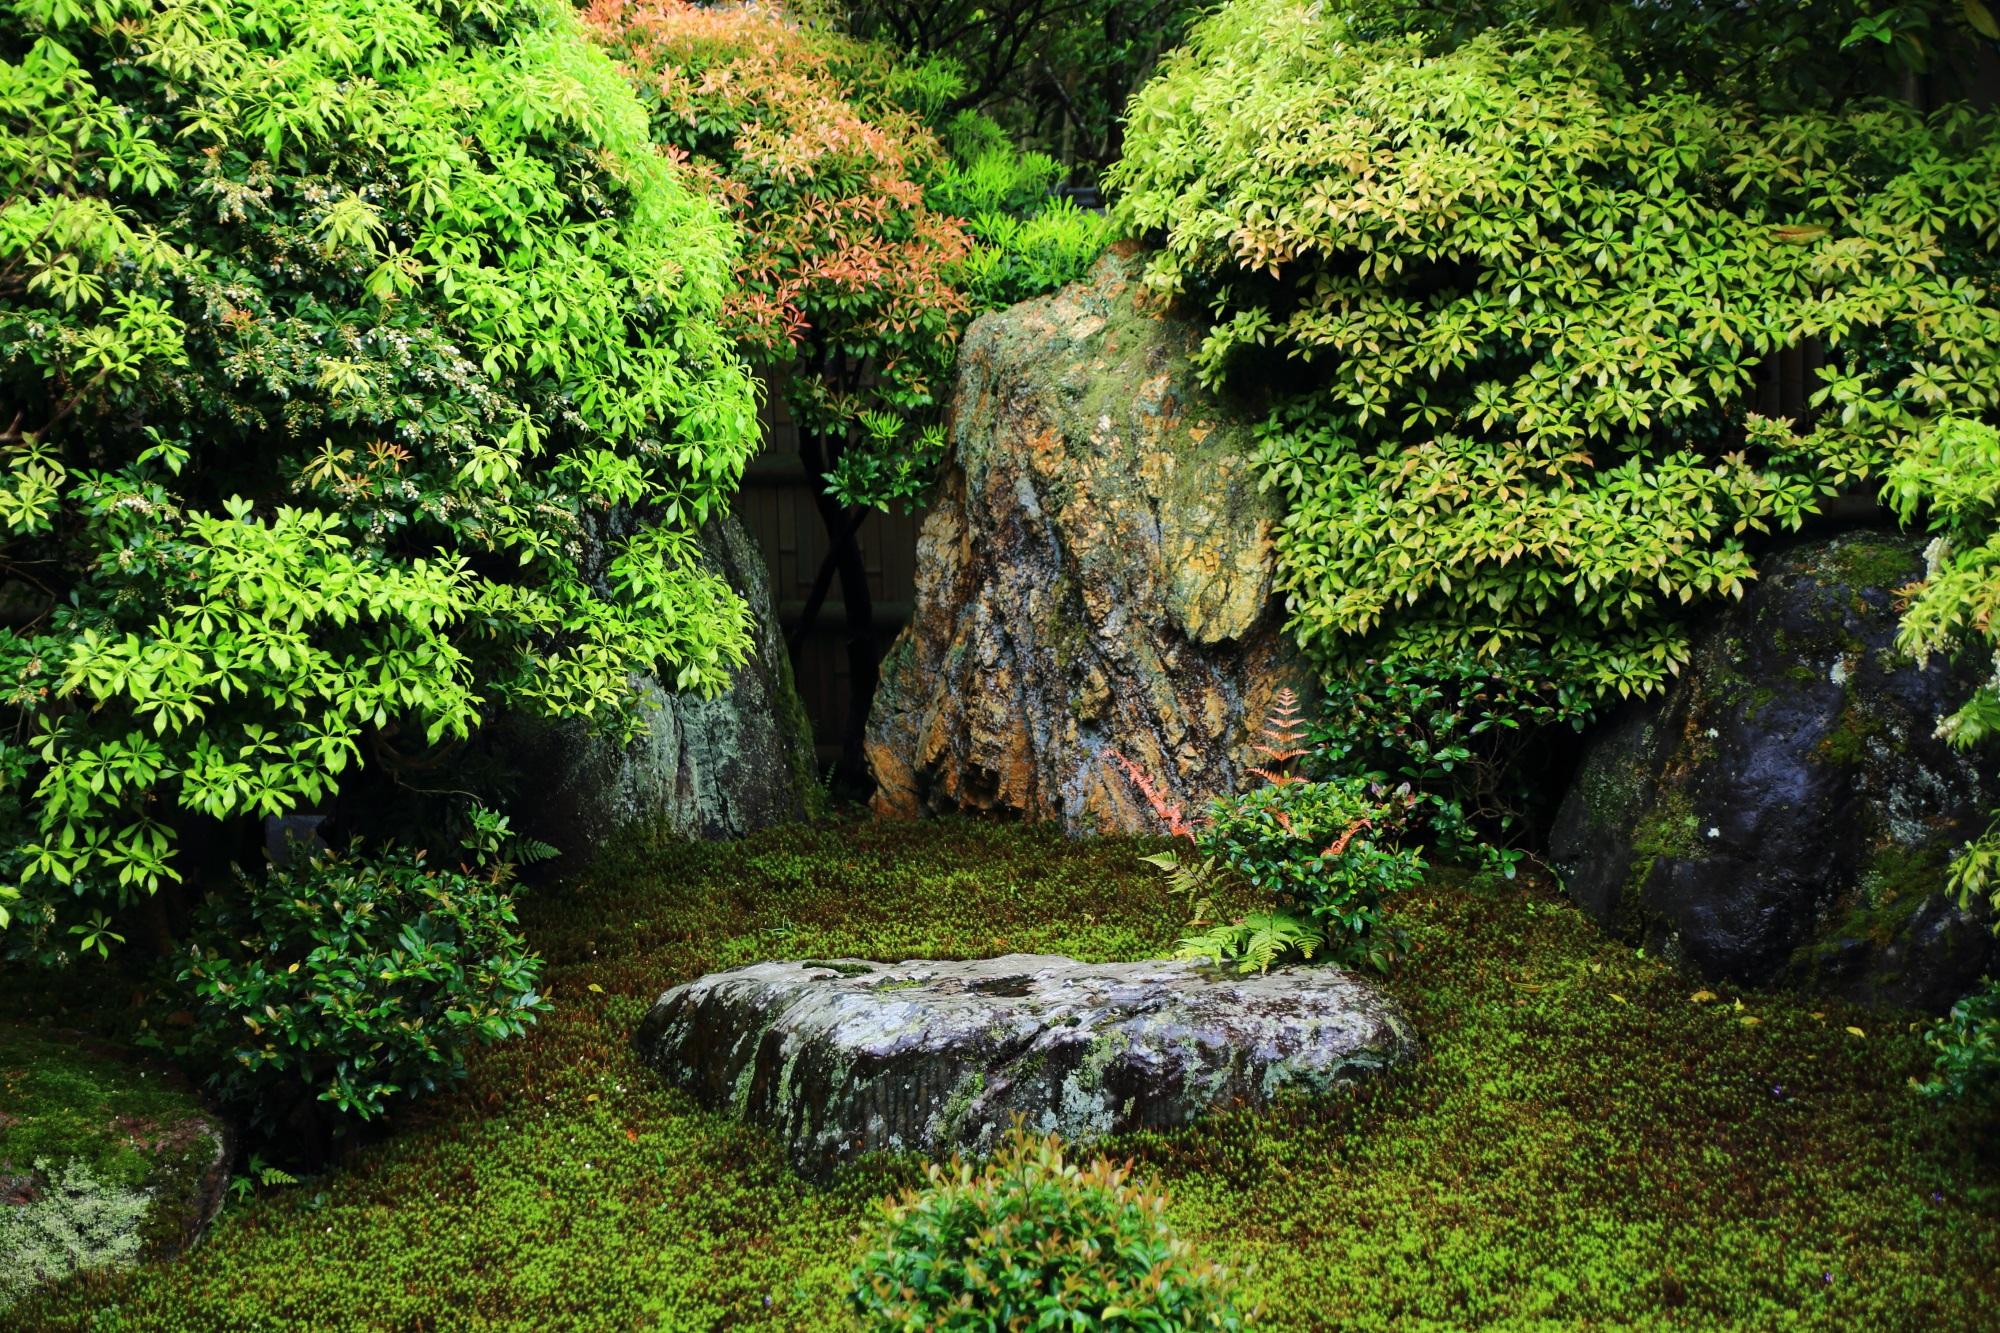 阿吽庭の力強い岩をつつむ多様な緑